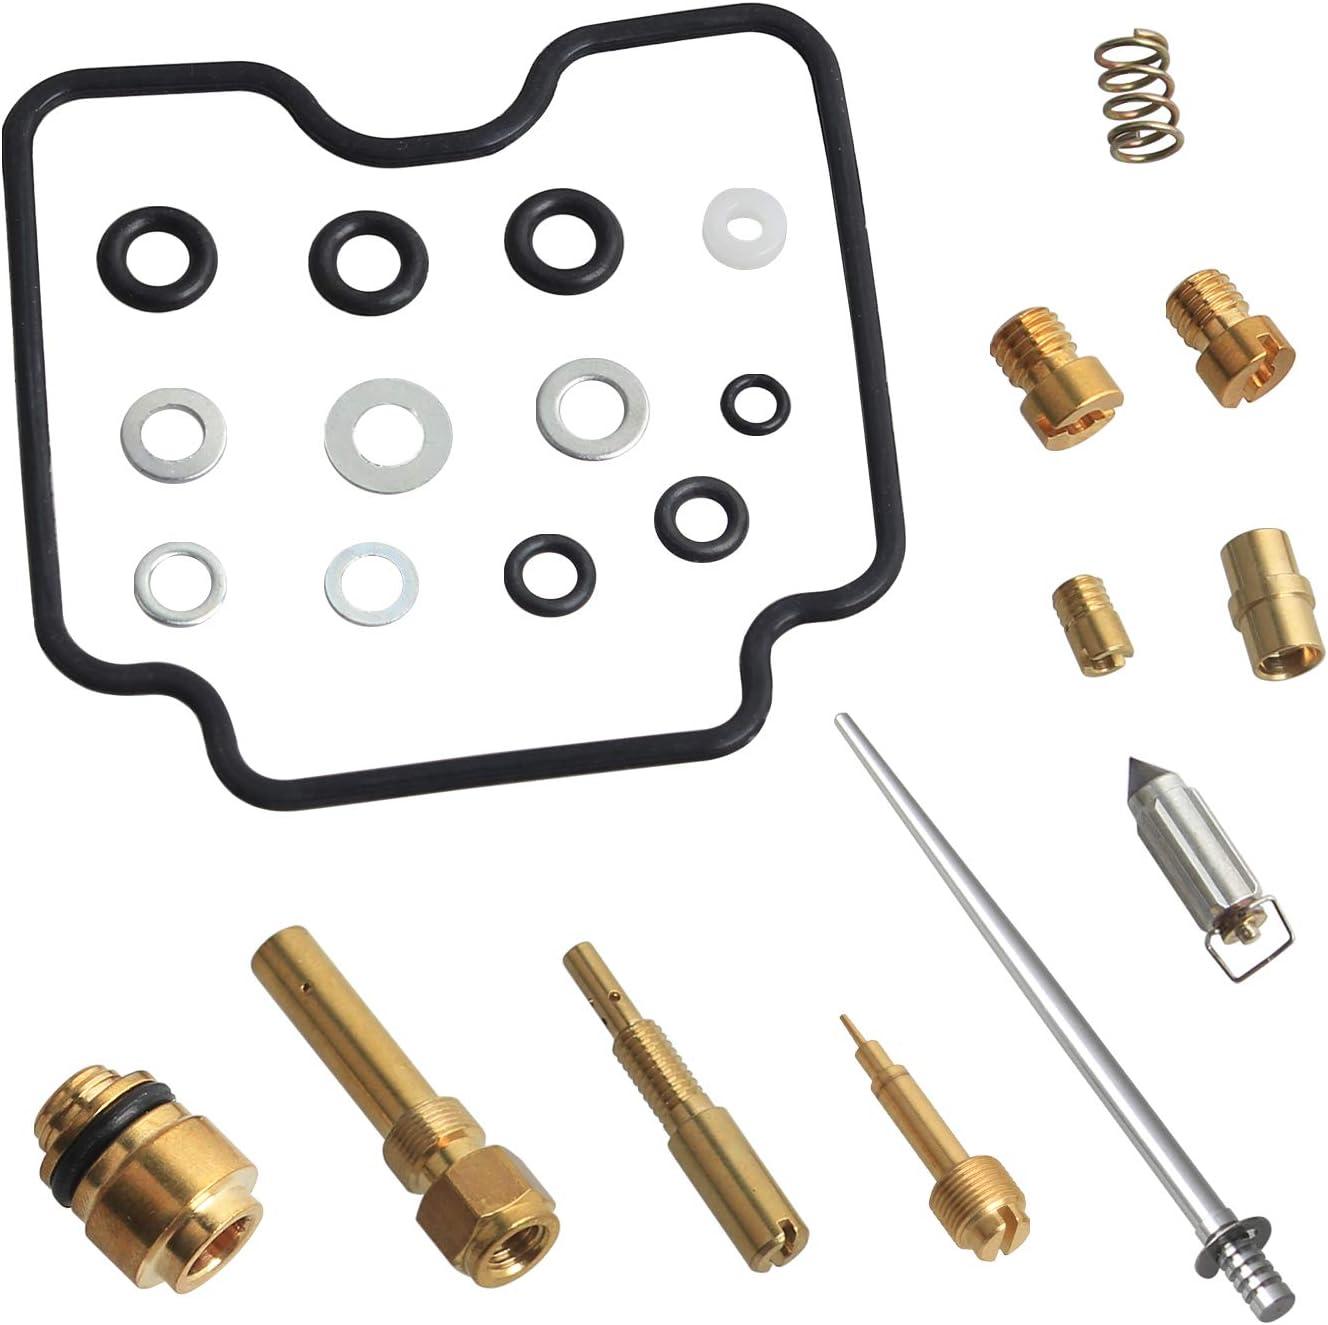 Gold Hose /& Stainless Gold Banjos Pro Braking PBR1000-GLD-GOL Rear Braided Brake Line